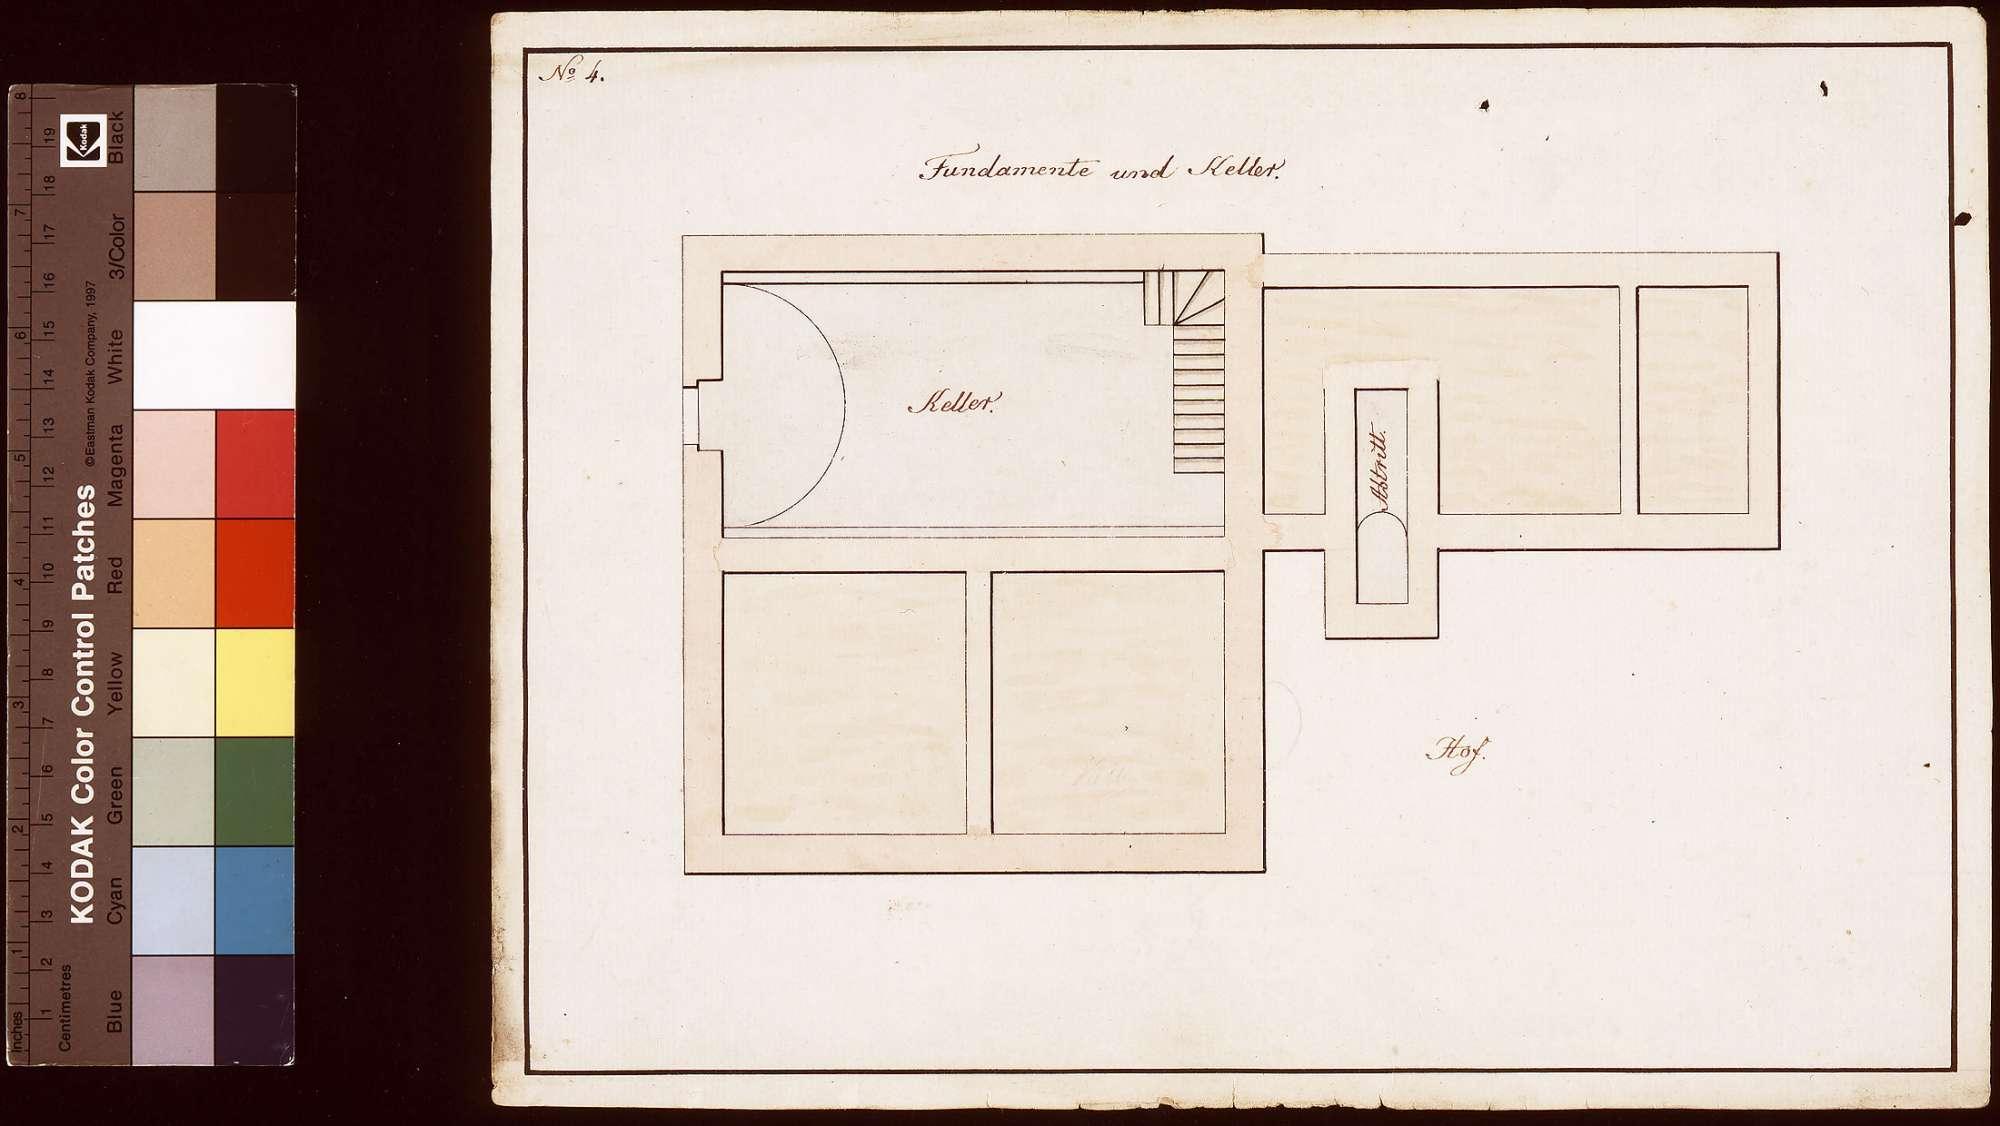 Umbau des Pfarrhauses in Hochhausen (Fundamente und Keller), Bild 1